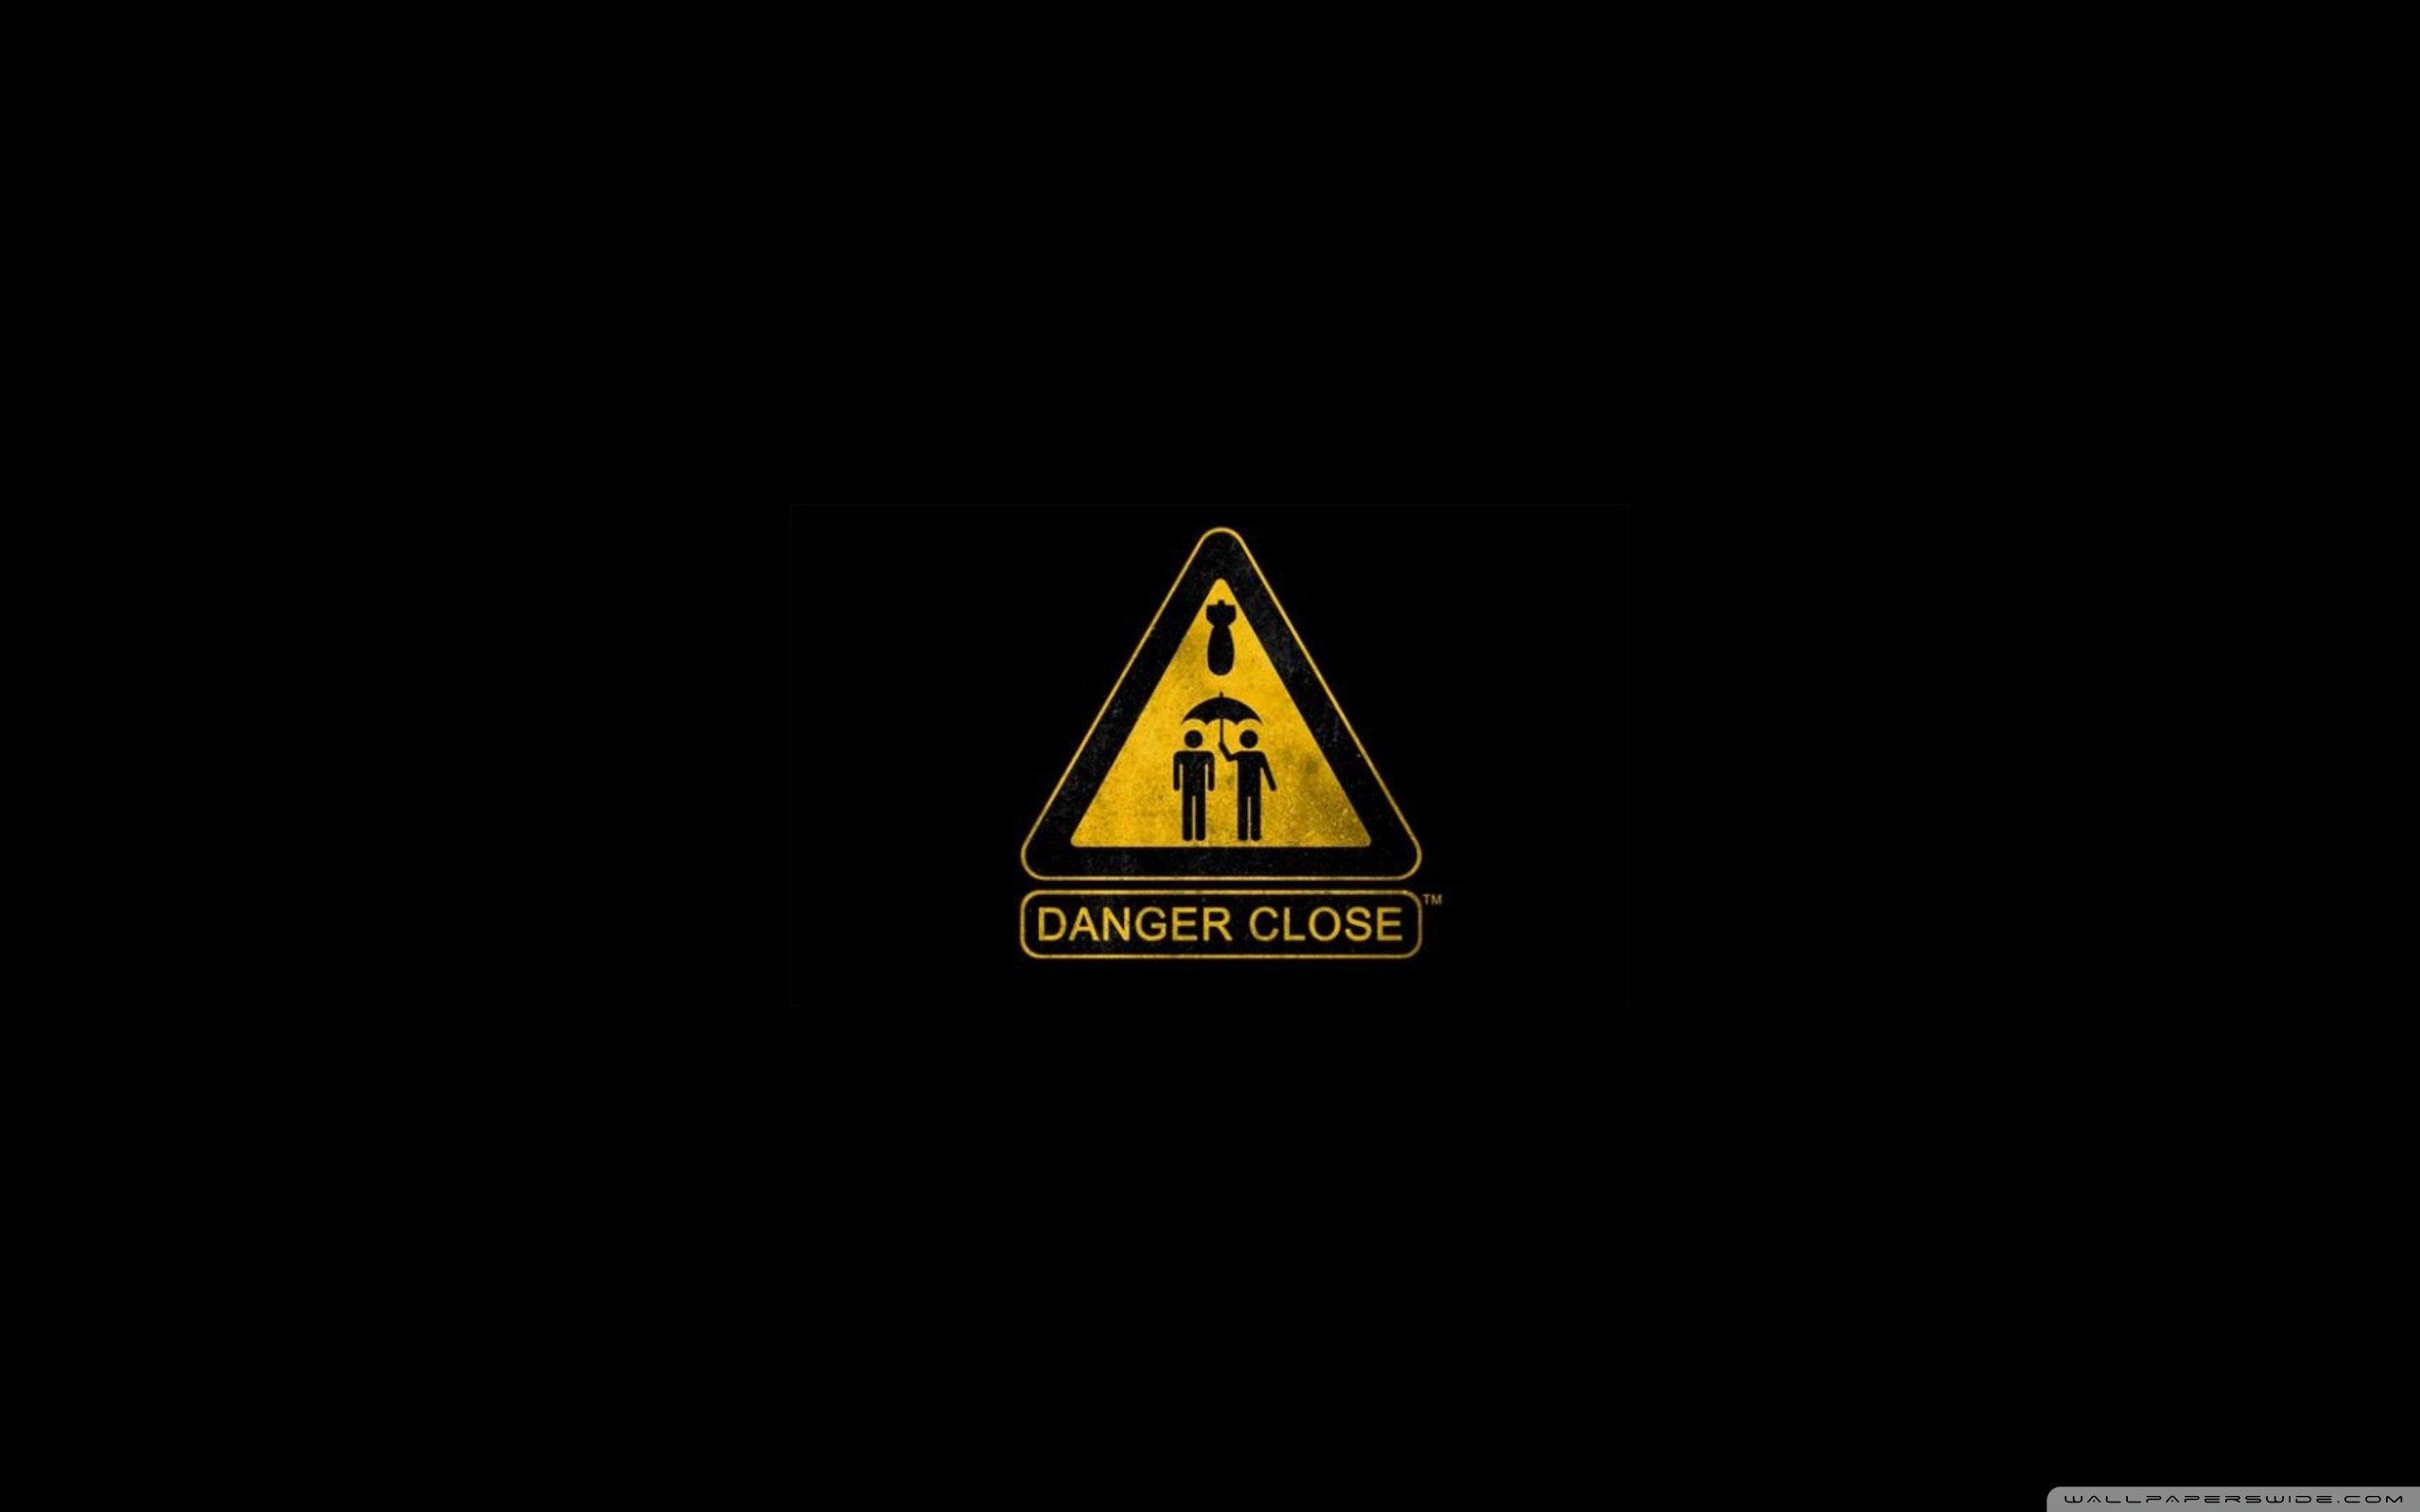 Warning Sign-wallpaper-2560x1600 Wallpaper